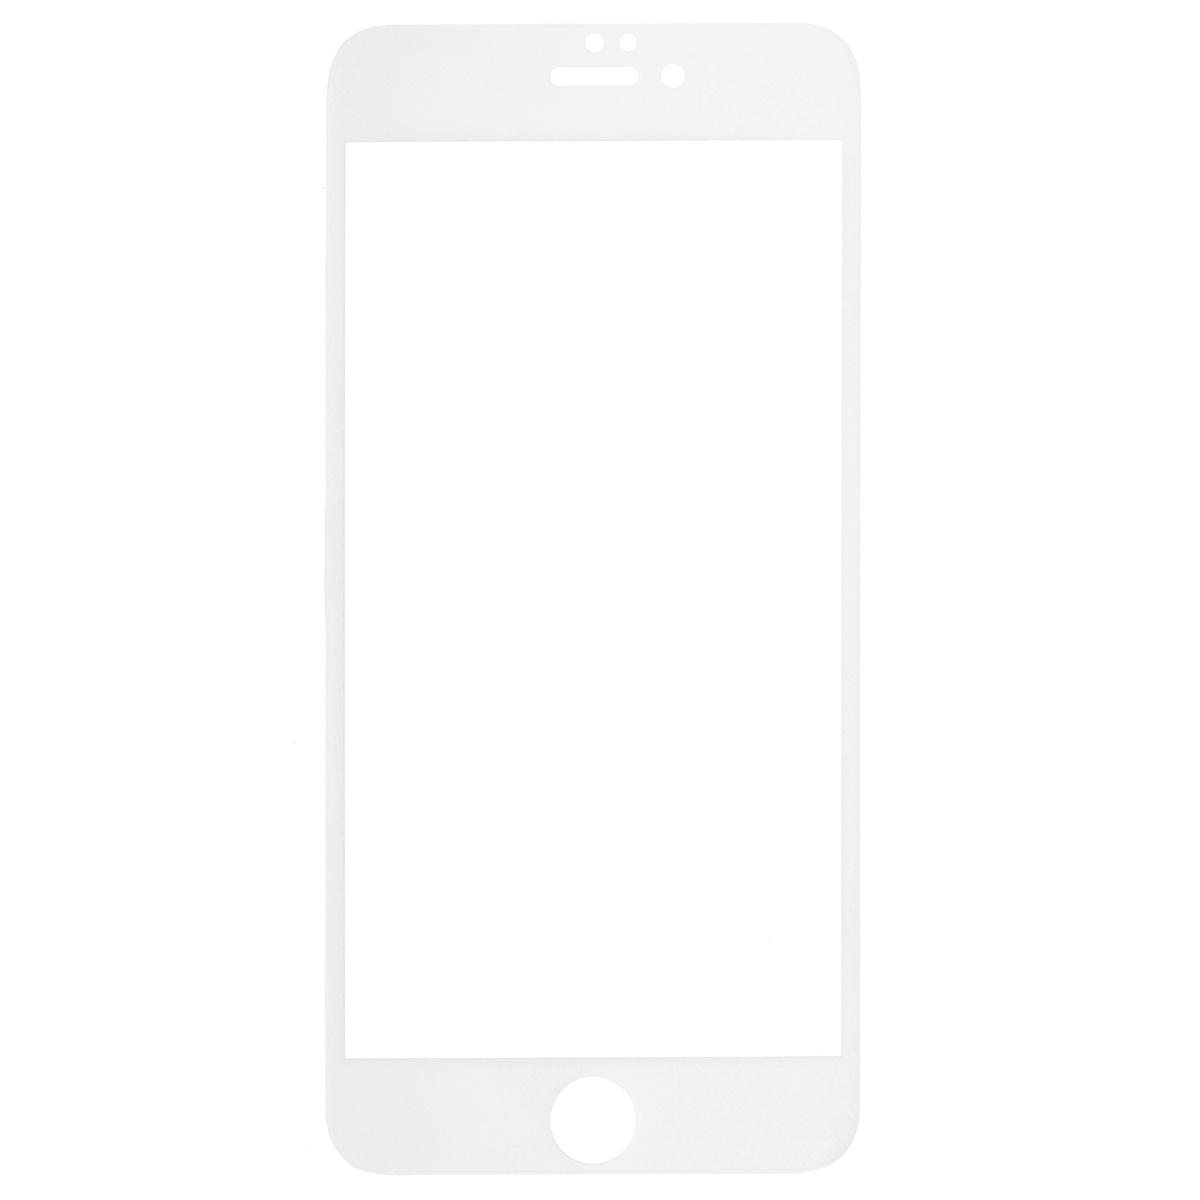 Highscreen защитное стекло для iPhone 6, белая рамка22885Защитное стекло Highscreen дляiPhone 6 - надежная защита экрана смартфона от грязи, пыли, отпечатков пальцев и царапин. Стекло изготовлено точно по размеру экрана, отличается кристальной прозрачностью и имеет все необходимые прорези.